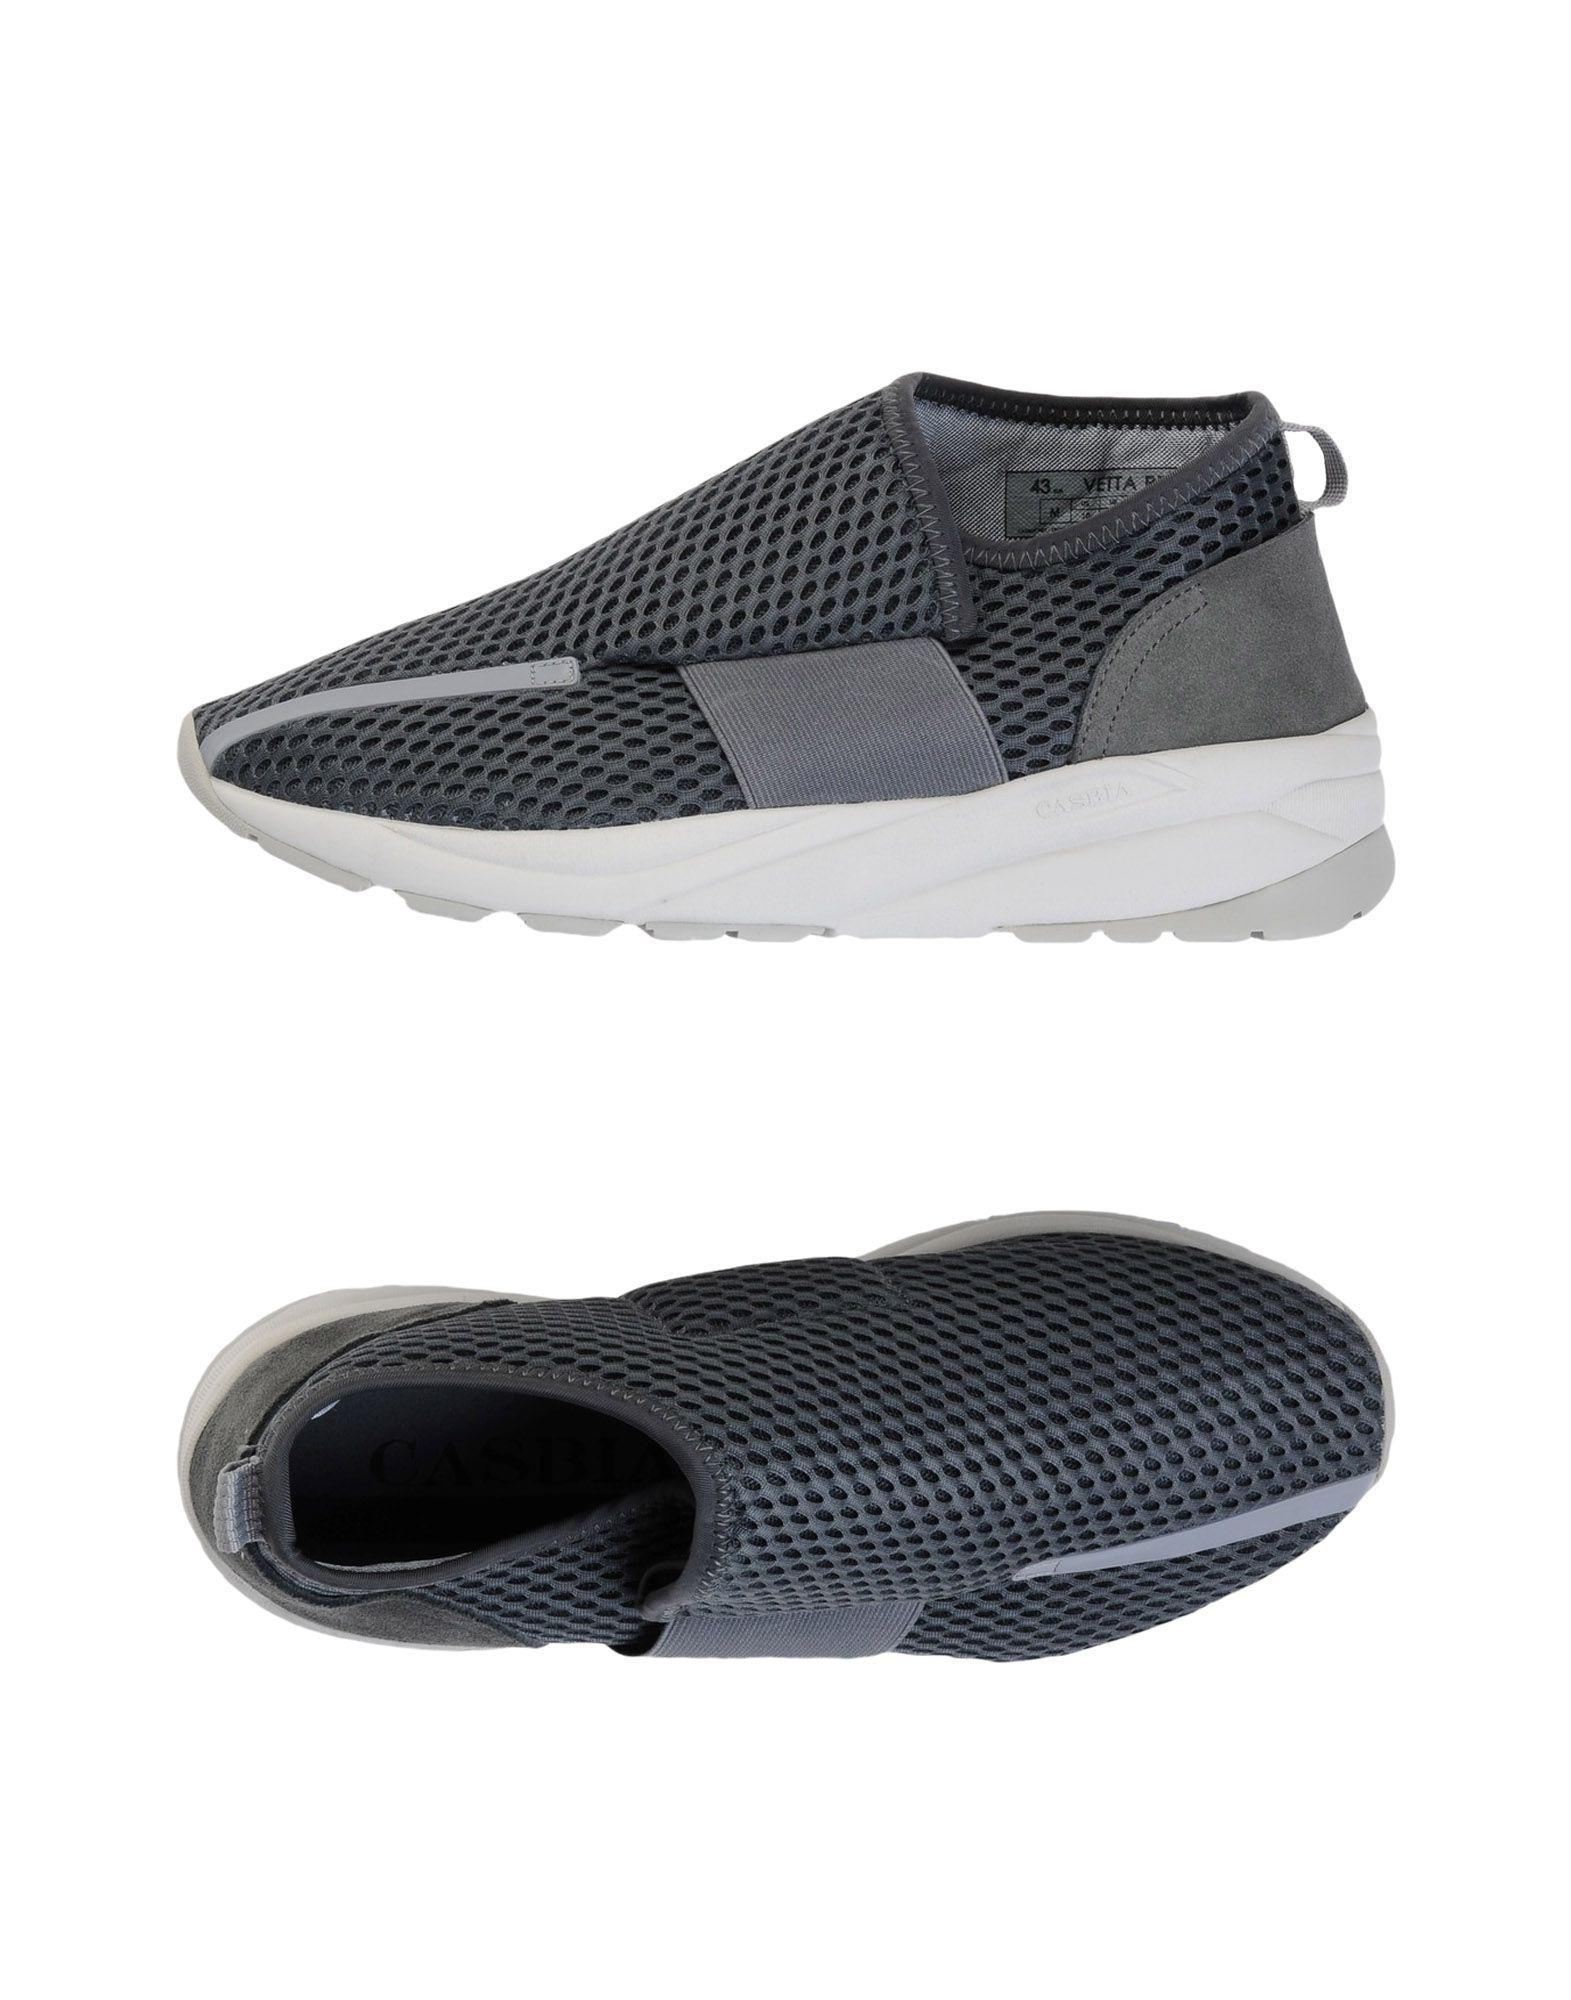 Sneakers Casbia Vetta Rbt - Donna - Acquista online su